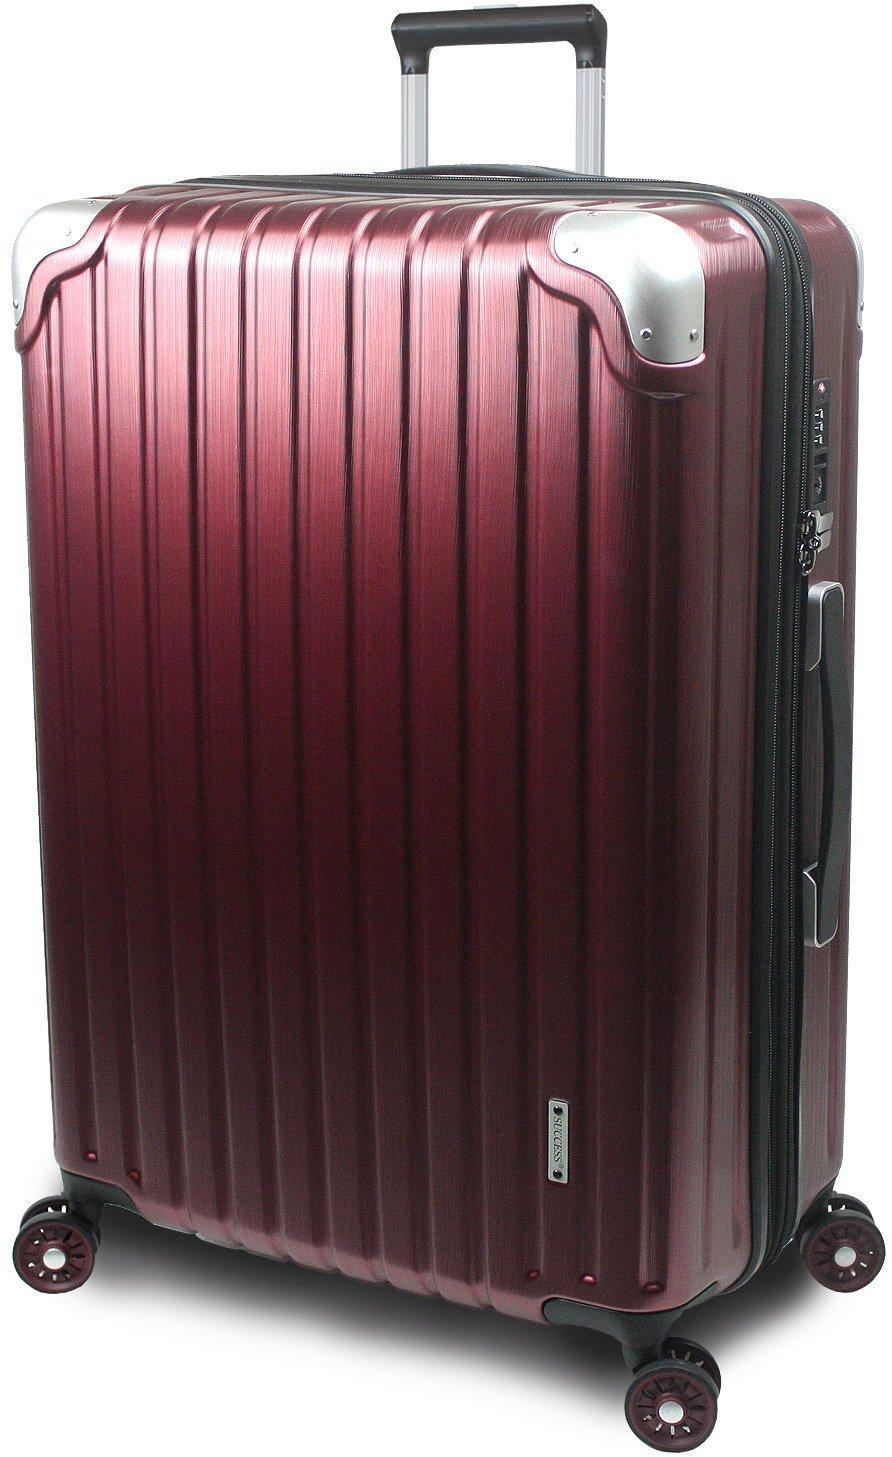 【SUCCESS サクセス】 スーツケース 3サイズ 【 大型 76cm/ジャスト型 70cm/中型 65cm 】 超軽量 TSAロック搭載 【 プロデンス コーナーパットモデル】 B01ELOM2QU 中型 Mサイズ 65cm|ワインヘアライン ワインヘアライン 中型 Mサイズ 65cm